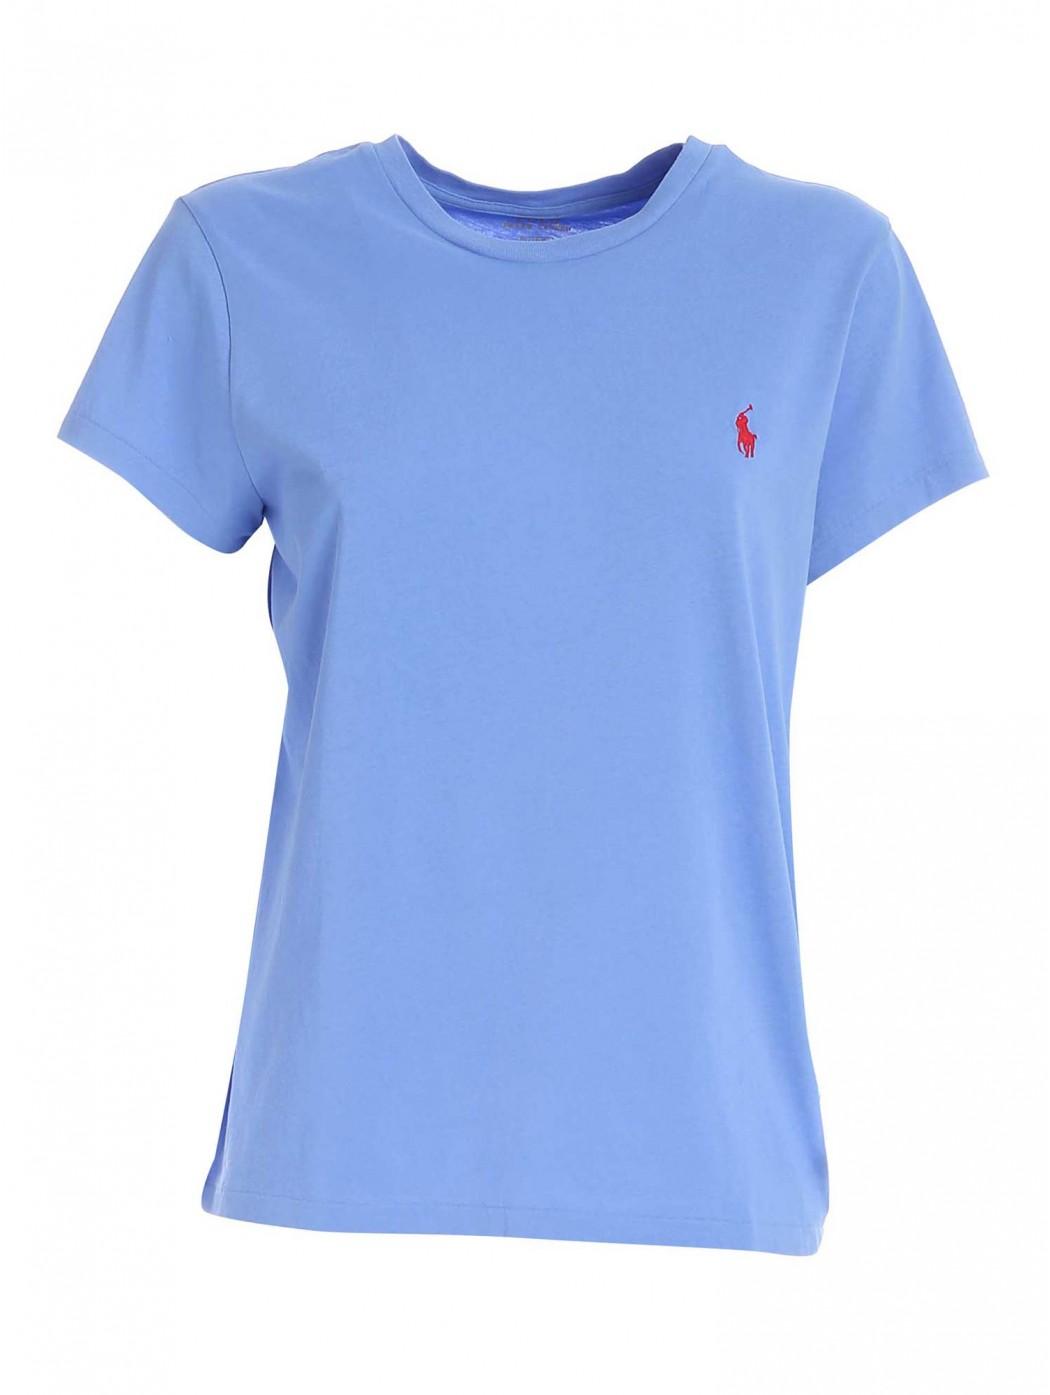 Maglietta a girocollo in cotone POLO RALPH LAUREN DONNA 211734144 043